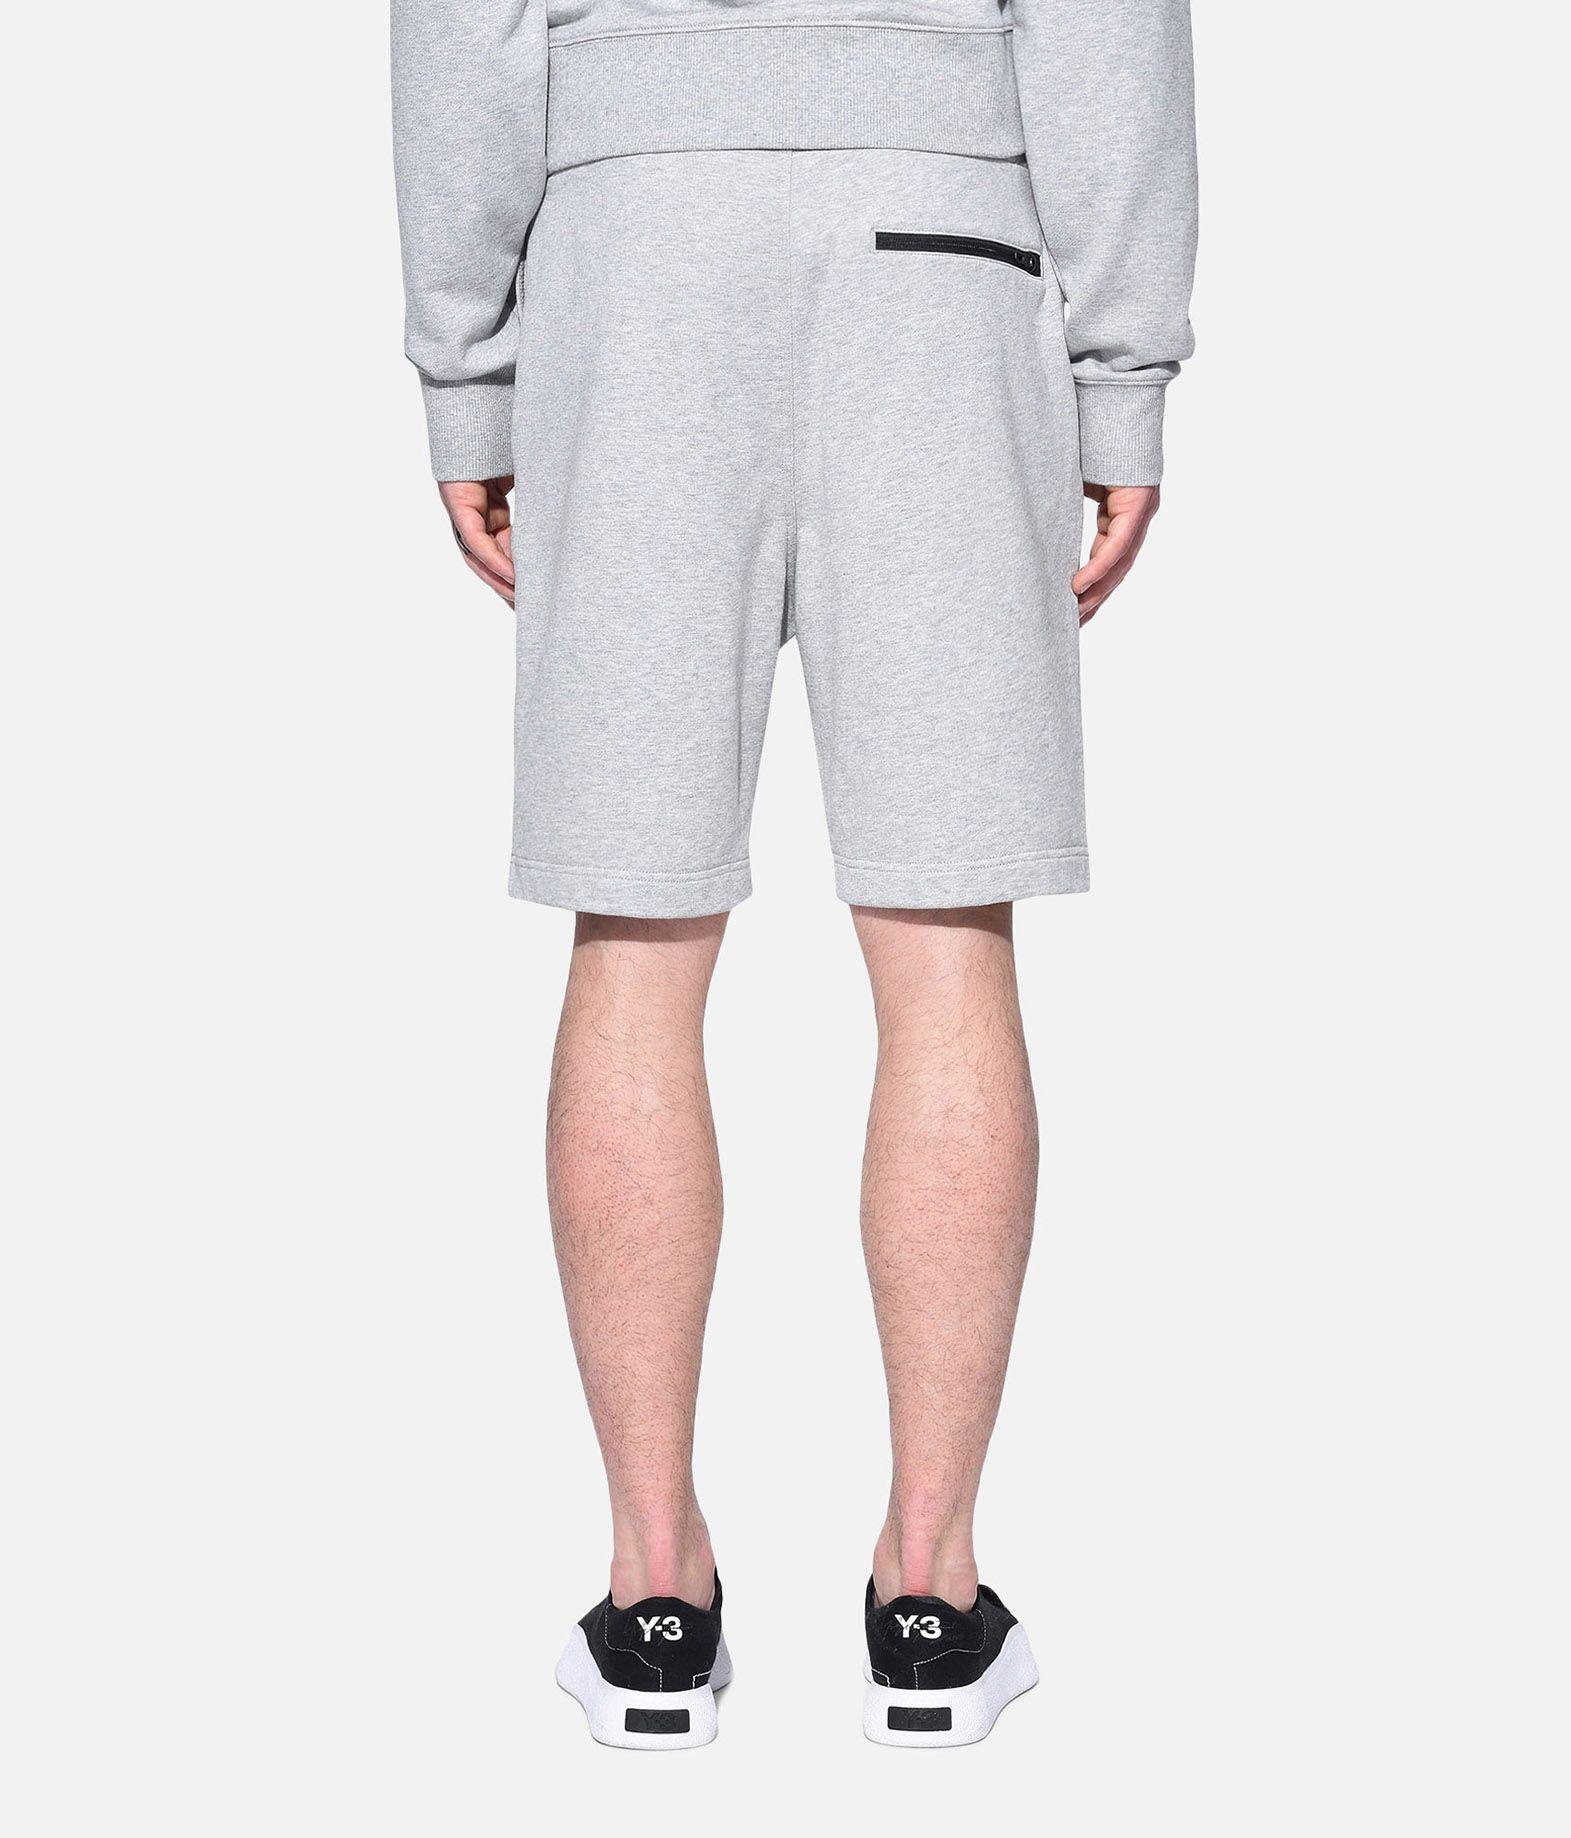 Y-3 Y-3 Classic Shorts Shorts Man d